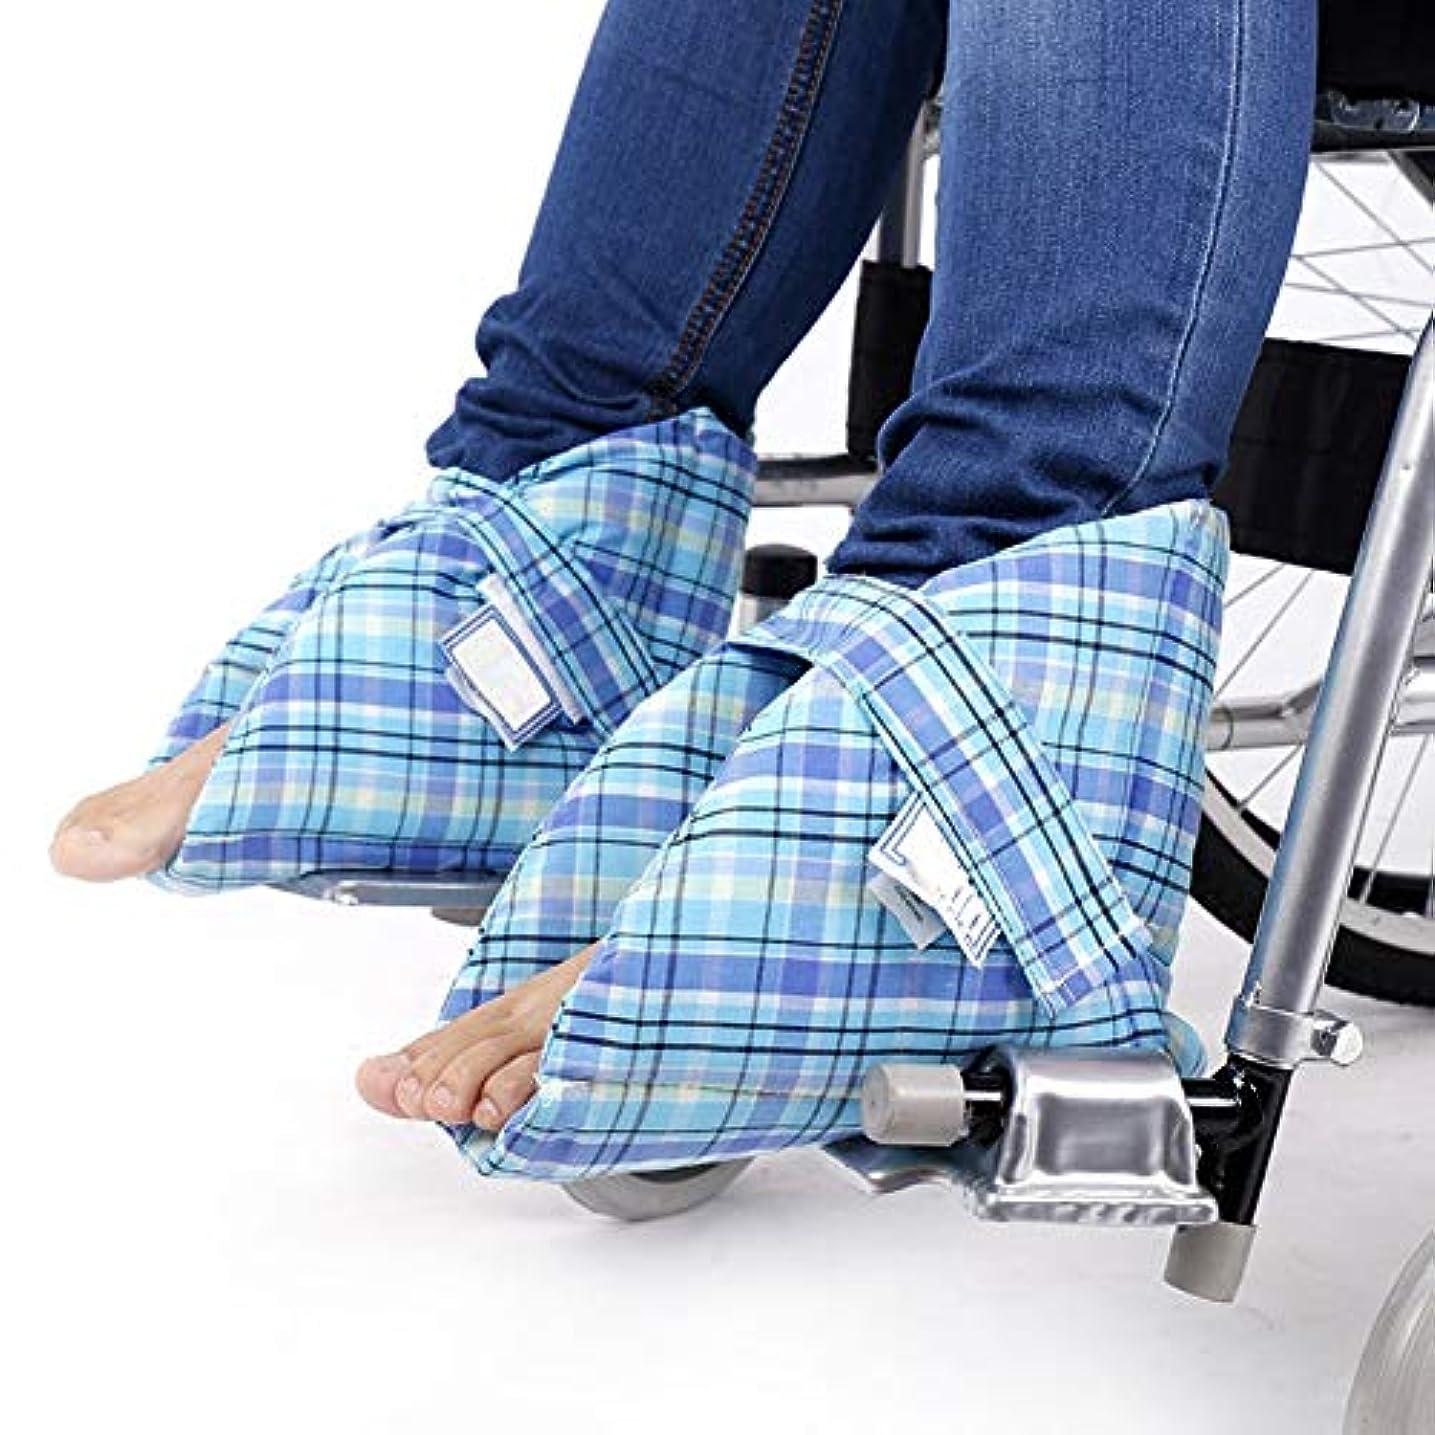 どこにも状態かみそりフットサポートピロー、かかとプロテクター、ベッドの痛みや潰瘍の治療用、足の圧迫を和らげる、1ペア